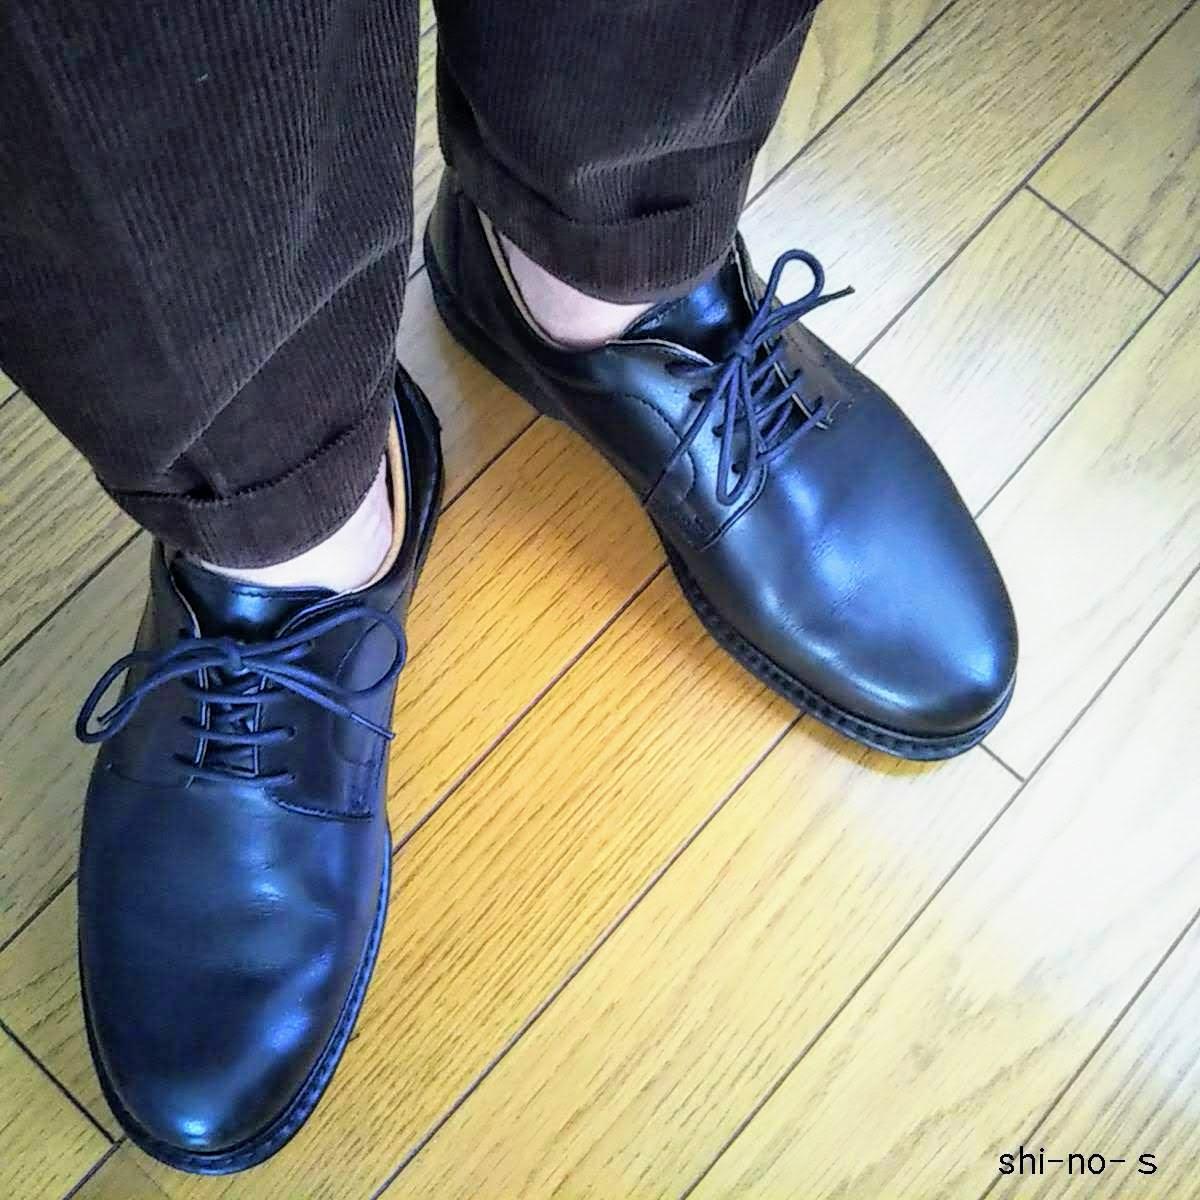 革靴から見える素肌の足首